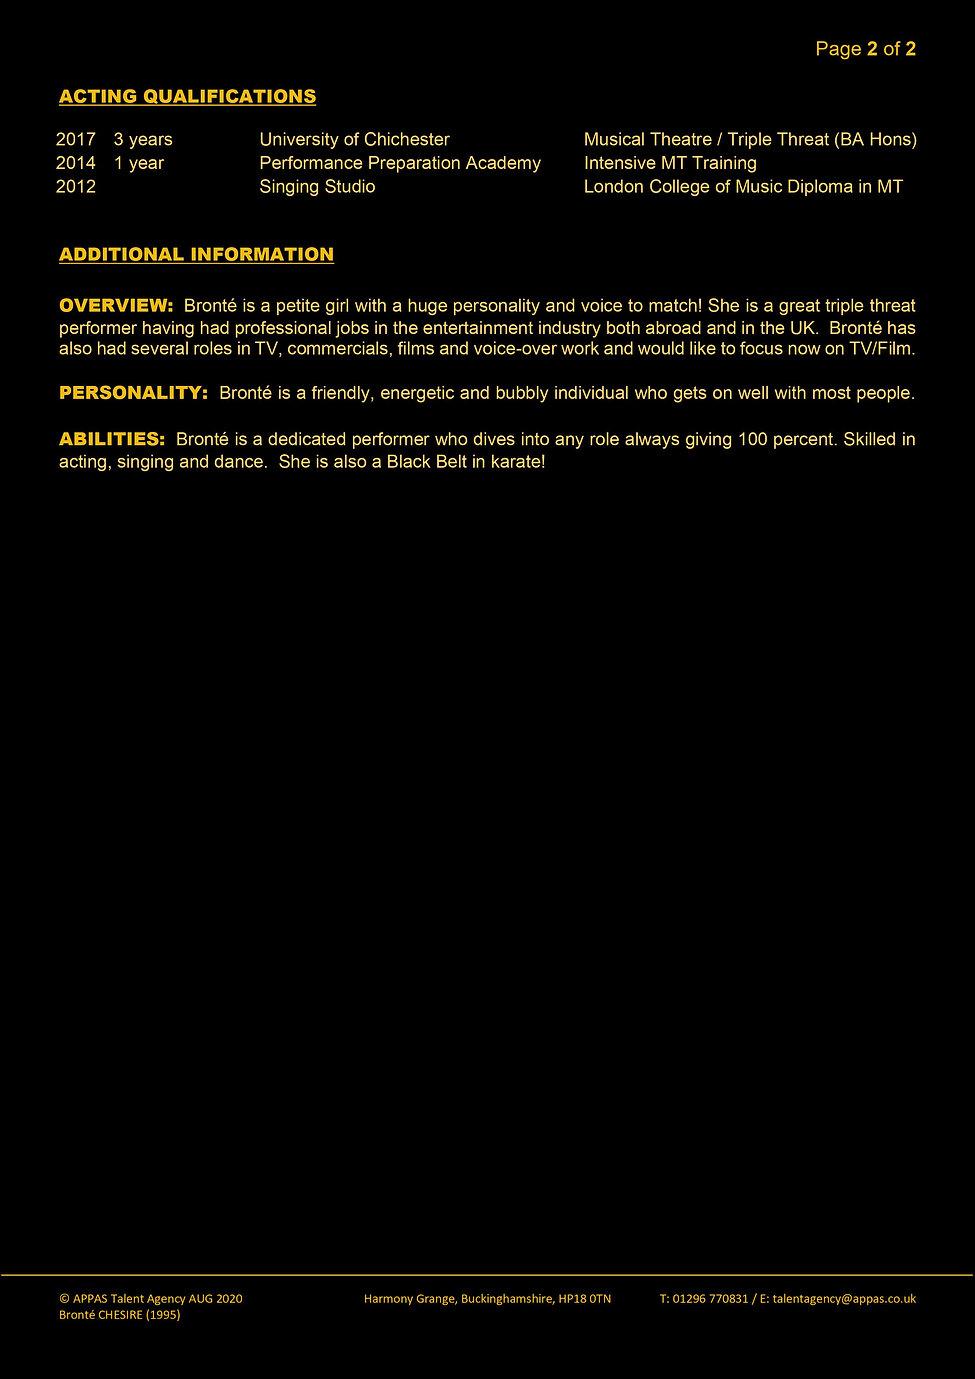 BRONTE CHESHIRE WEB CV (AUG 2020) 2.jpg